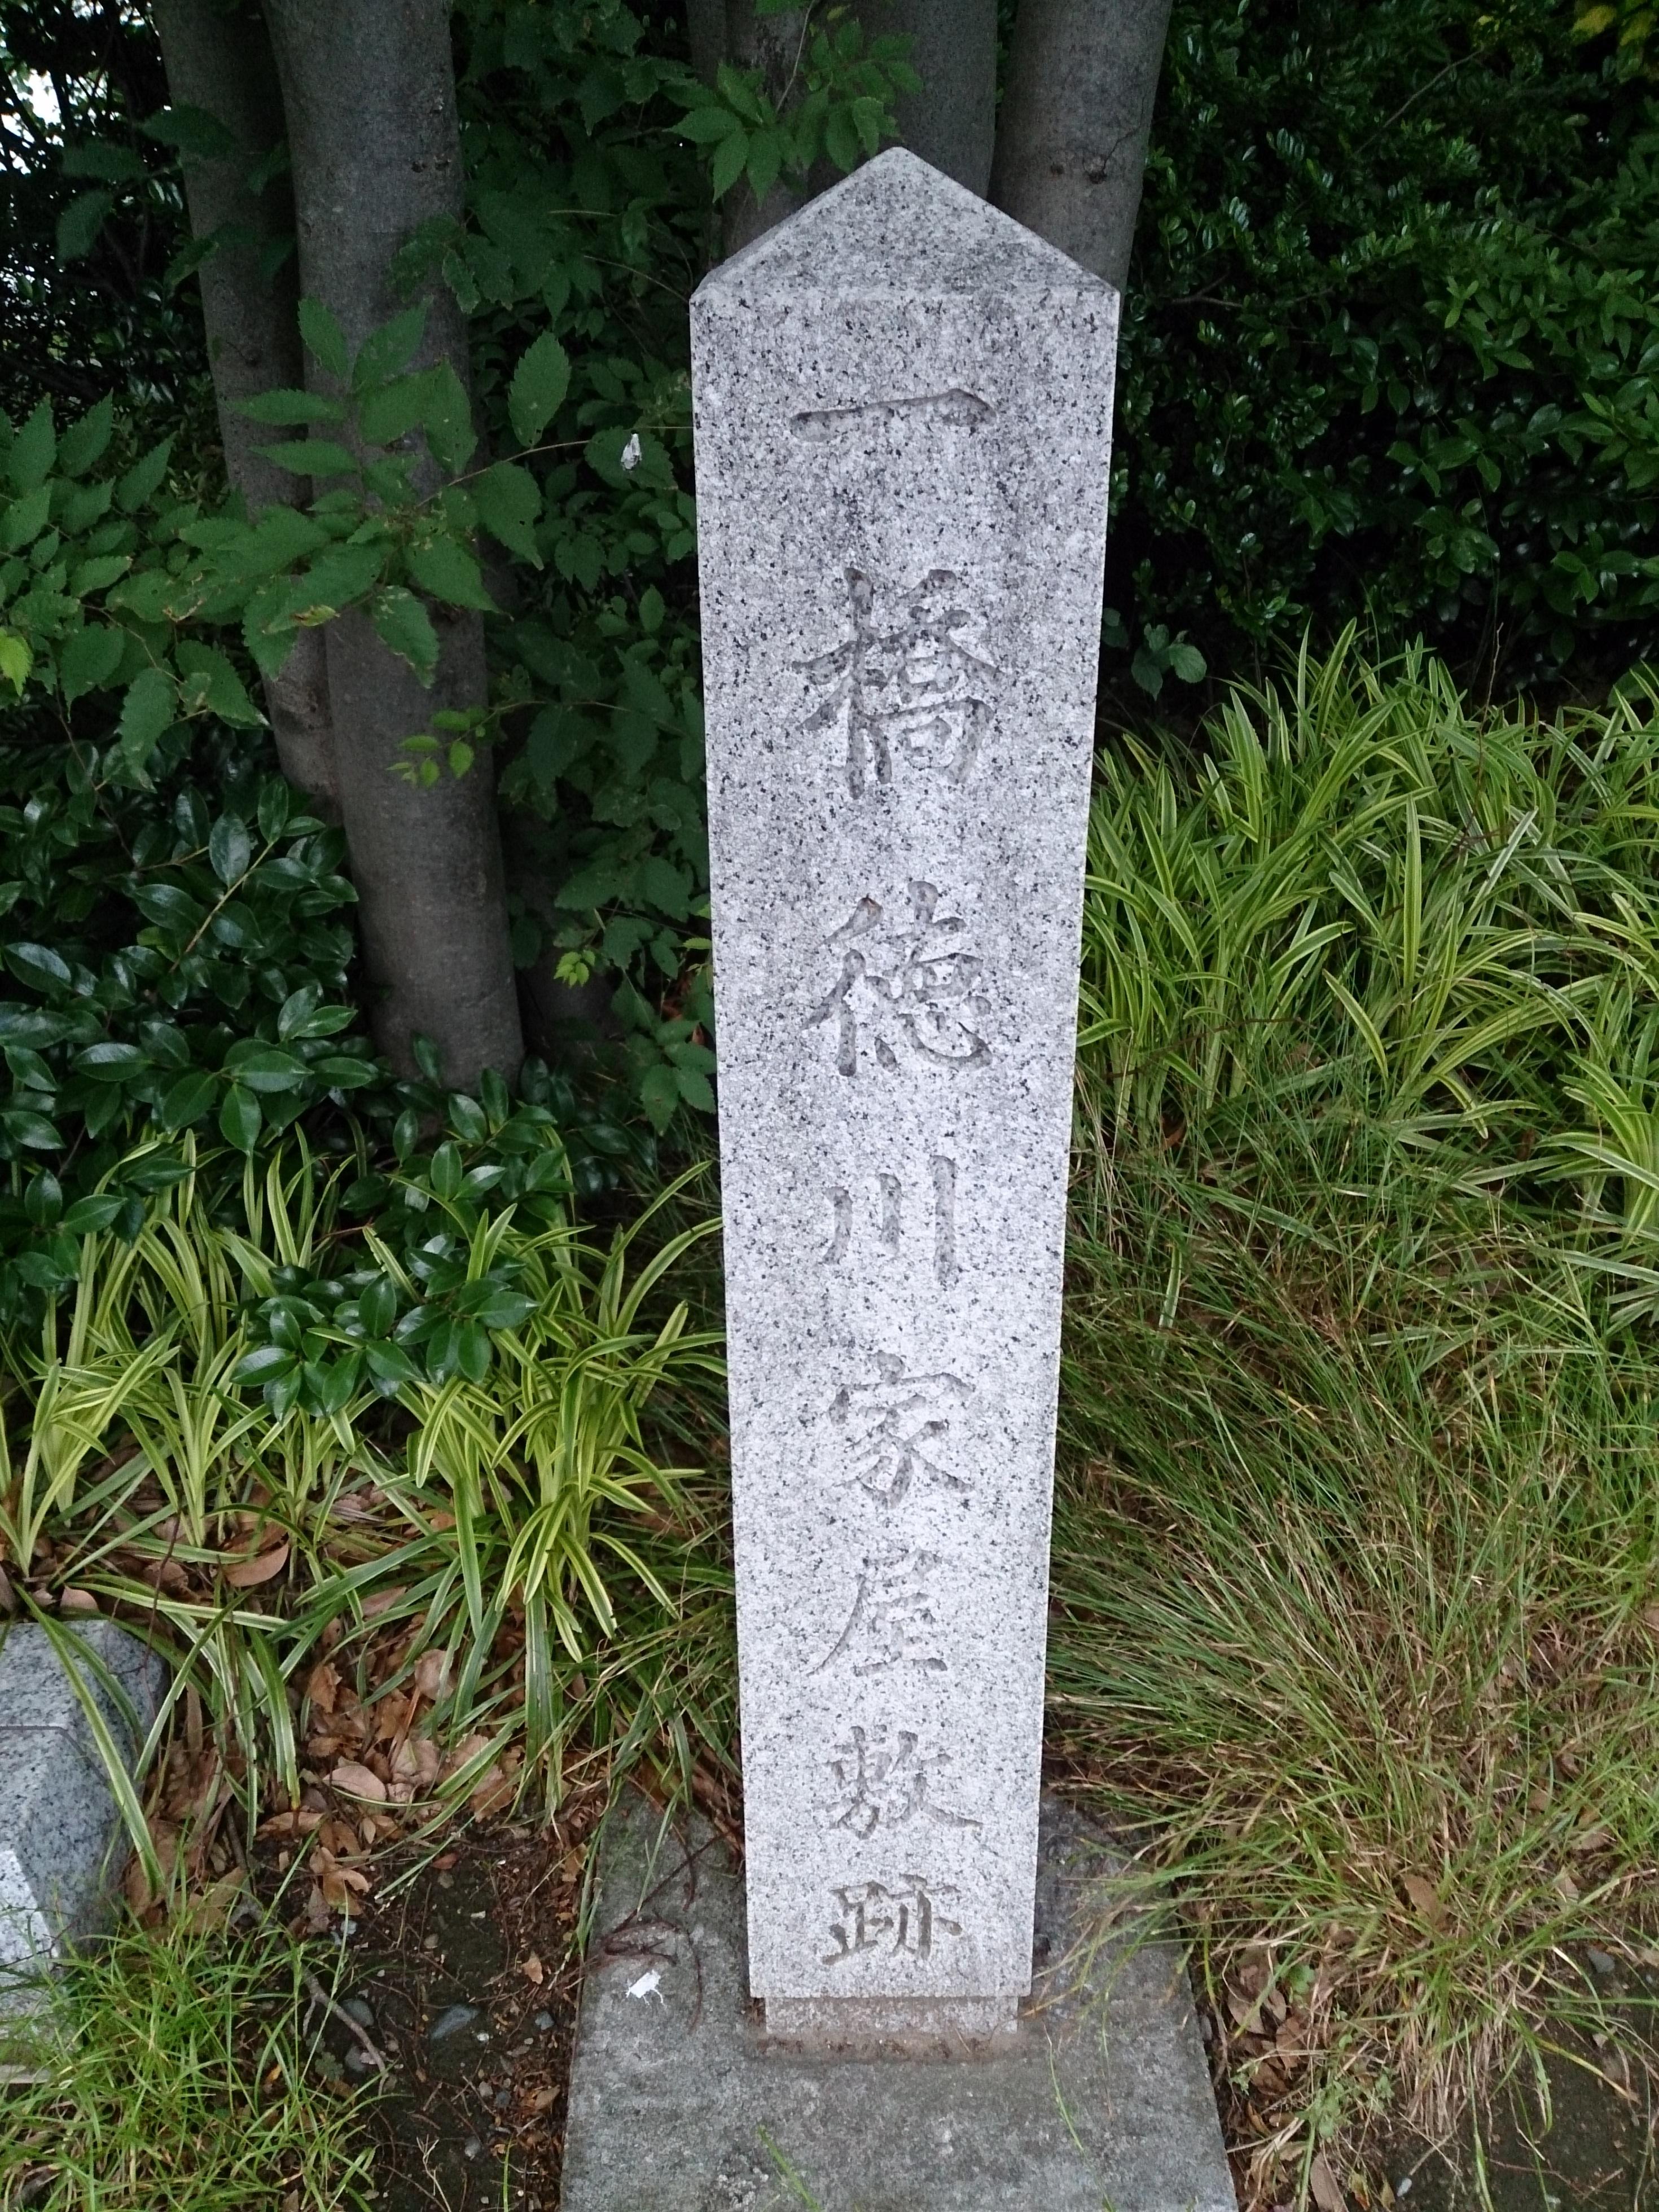 一橋邸跡:御三卿の一つで最後の将軍徳川慶喜(一橋慶喜)を排出した名門一橋家屋敷跡【史跡 日本の歴史】